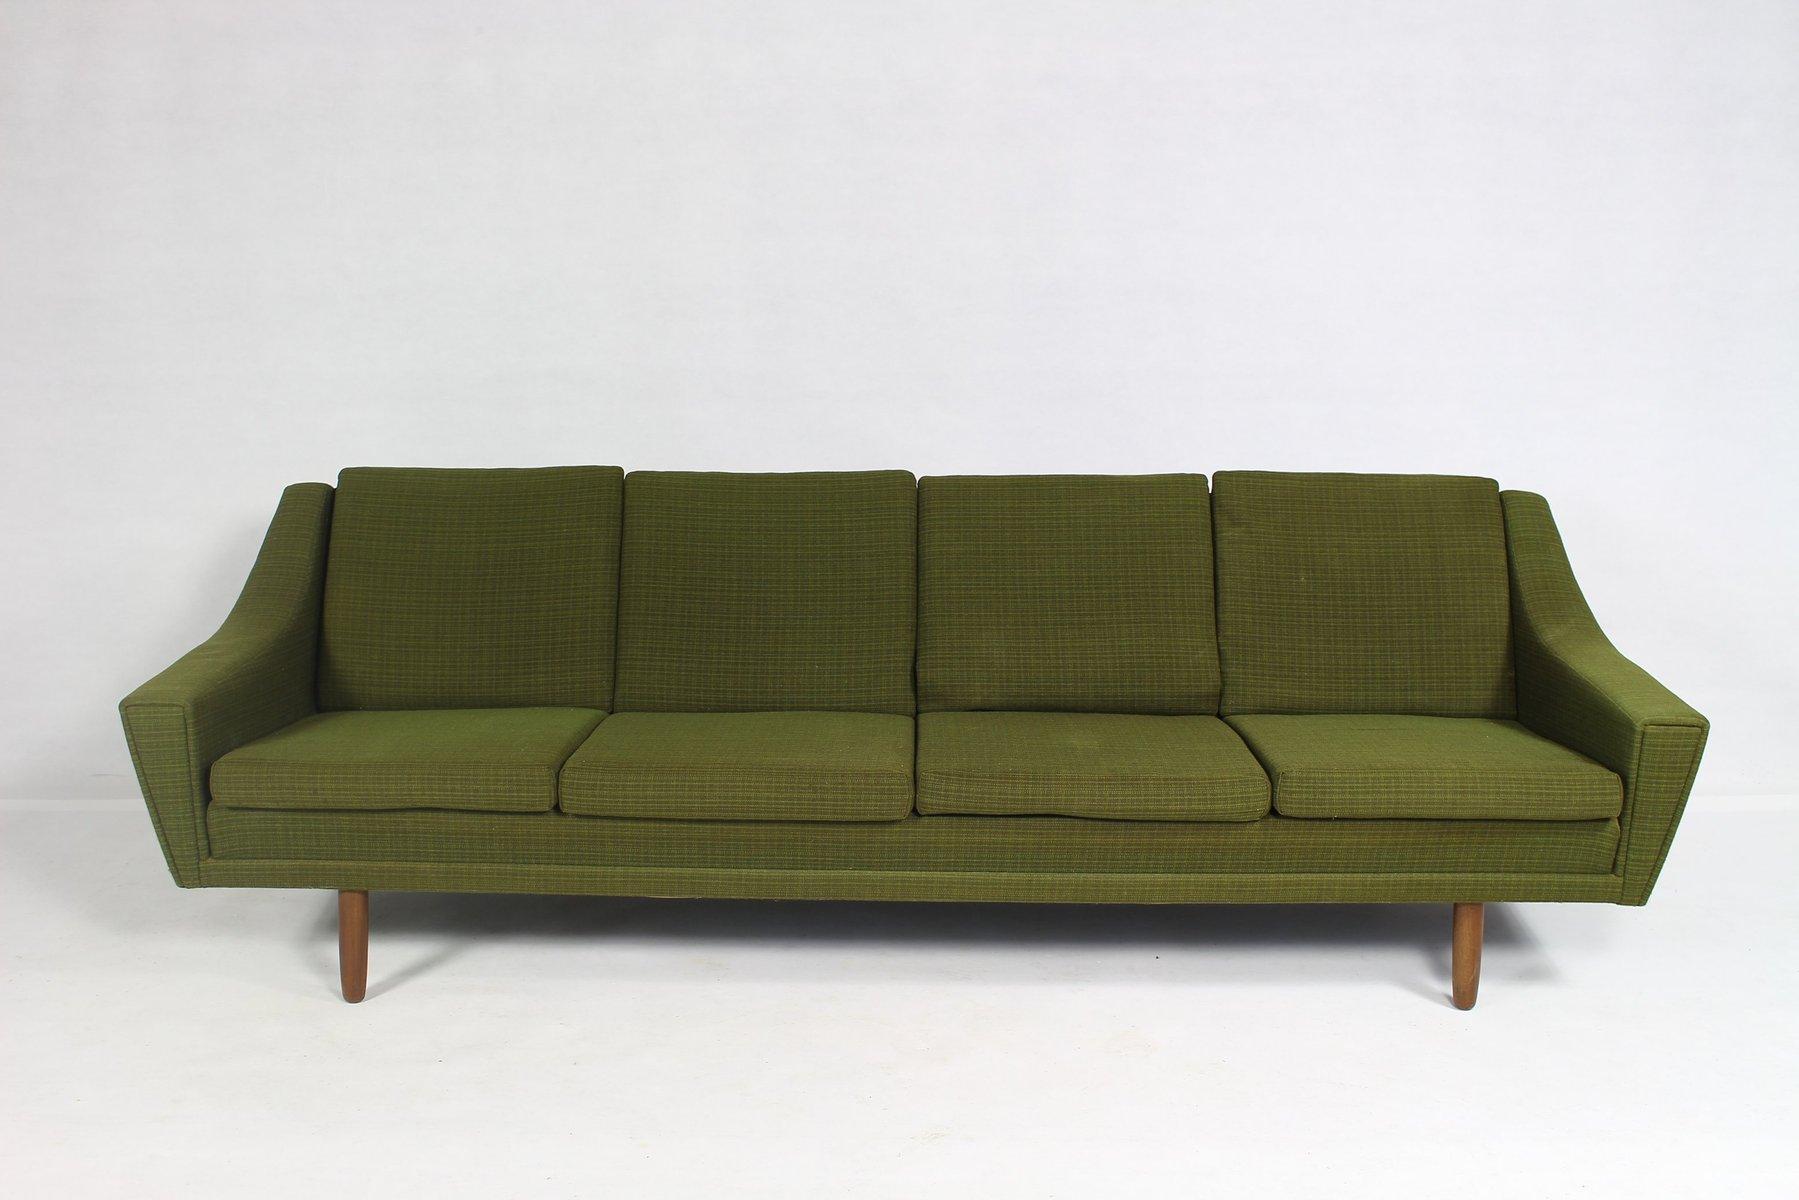 skandinavisches 4 sitzer sofa 1960er bei pamono kaufen. Black Bedroom Furniture Sets. Home Design Ideas